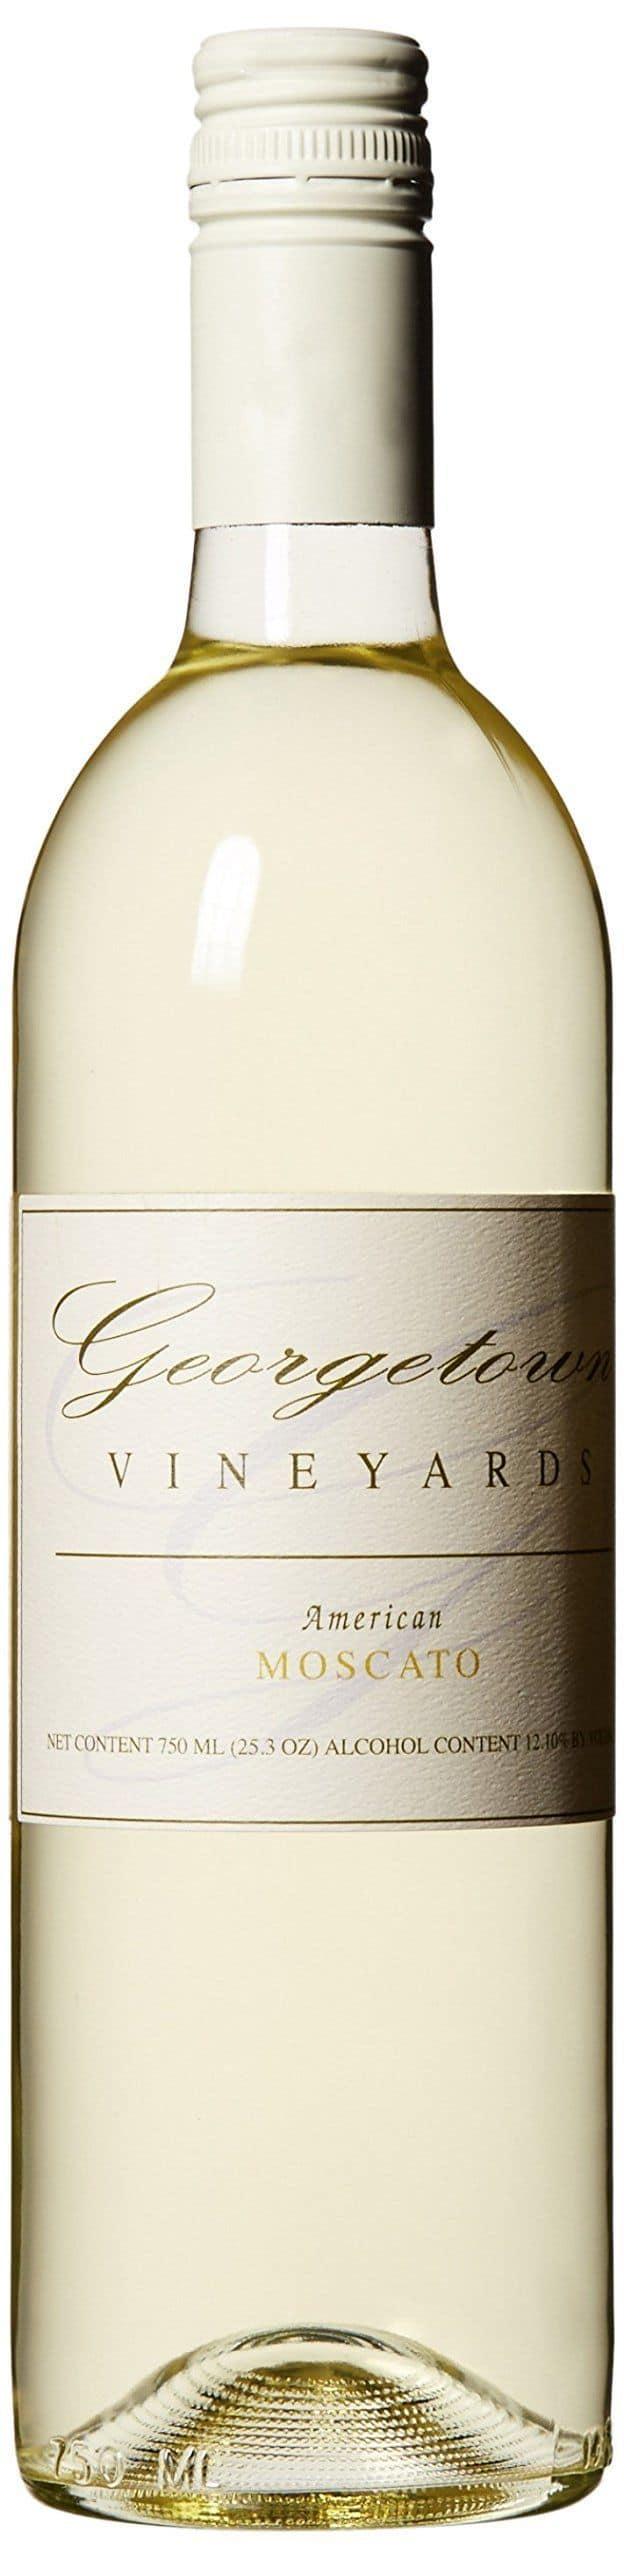 NV Georgetown Vineyards American Moscato Wine